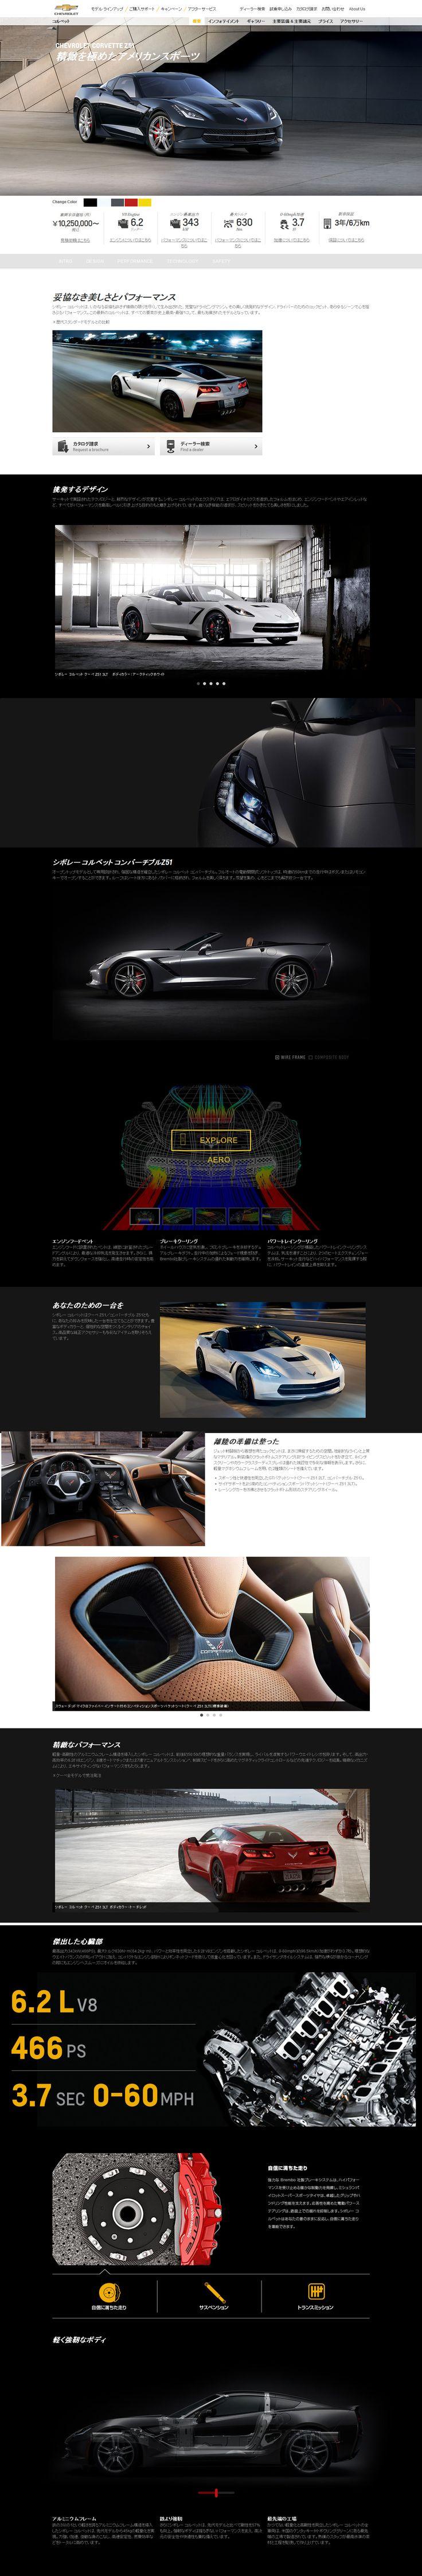 コルベット【車・バイク関連】のLPデザイン。WEBデザイナーさん必見!ランディングページのデザイン参考に(かっこいい系)